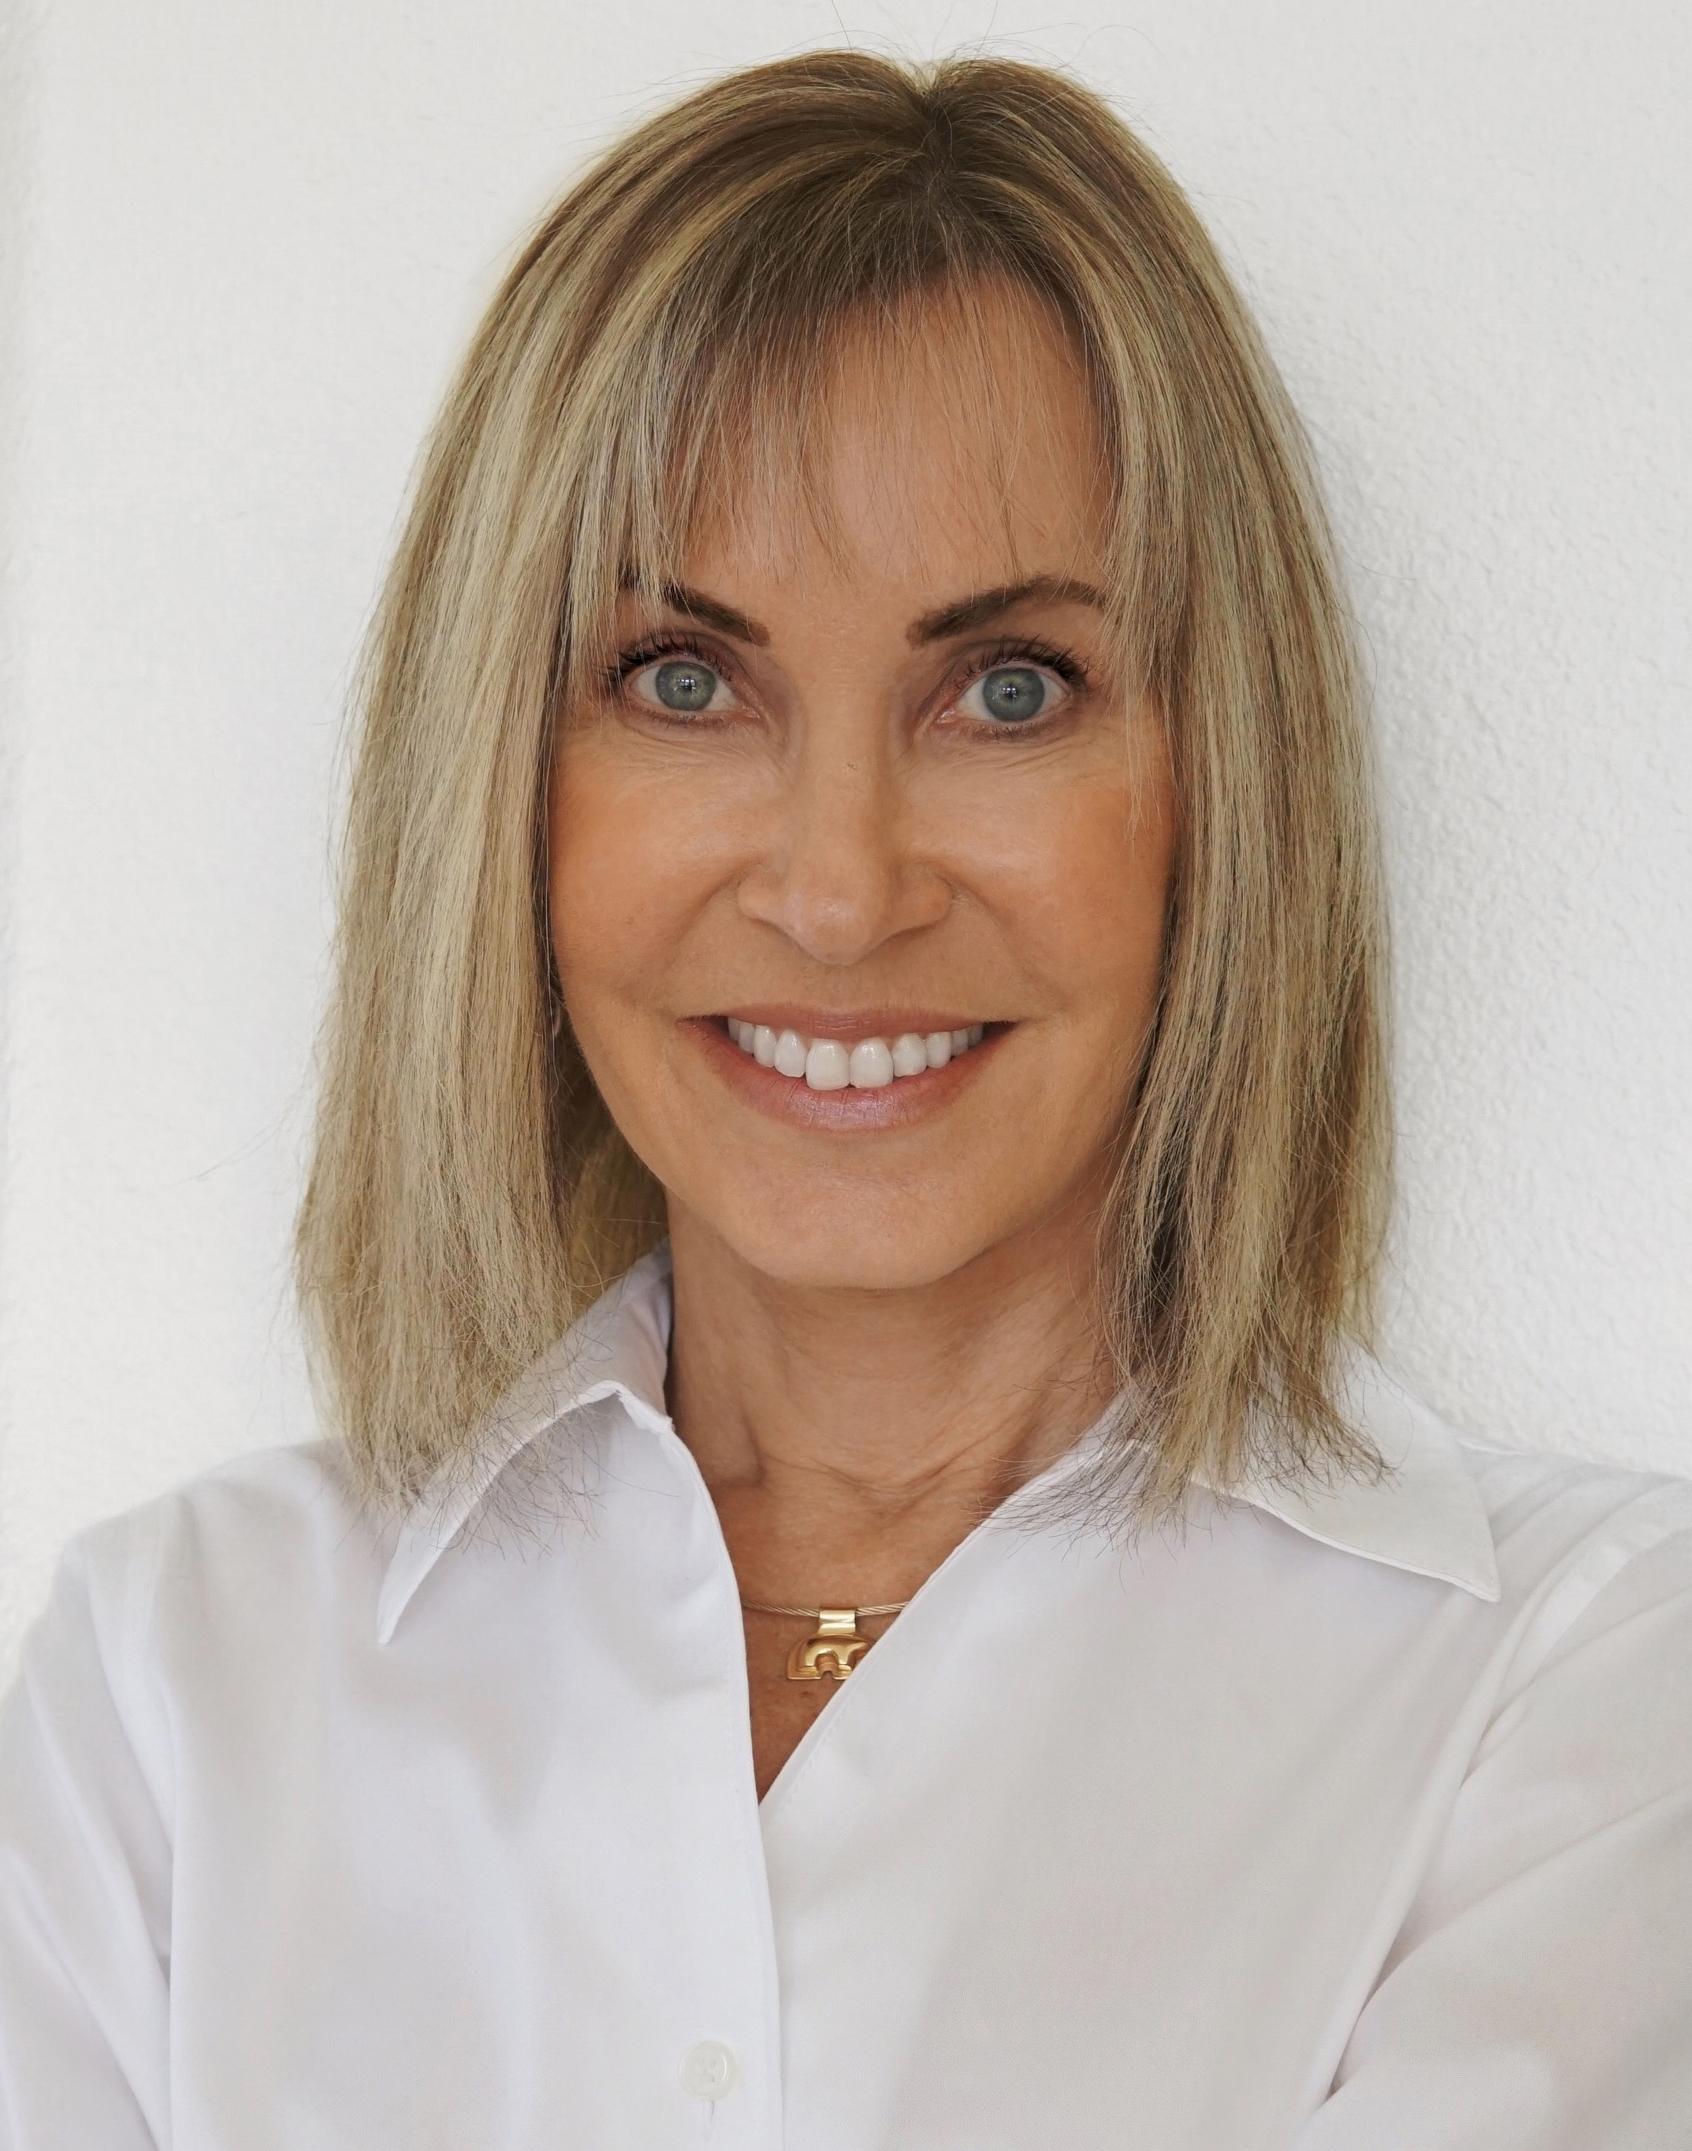 Karen Whitaker